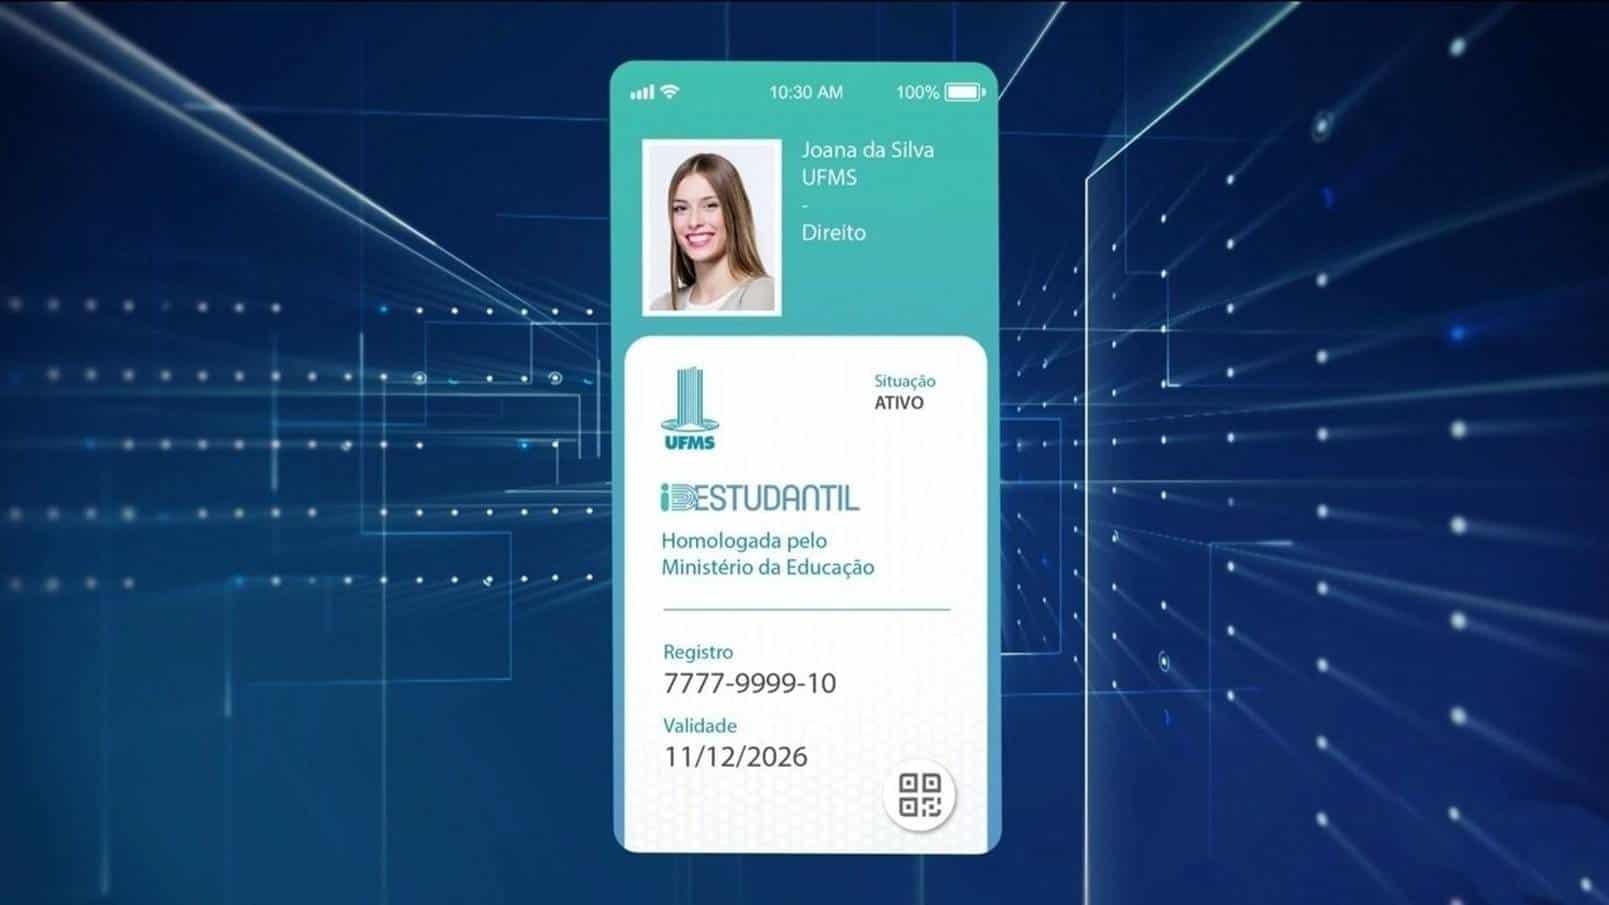 ID Estudantil: alunos já podem ter acesso à carteirinha digital e gratuita